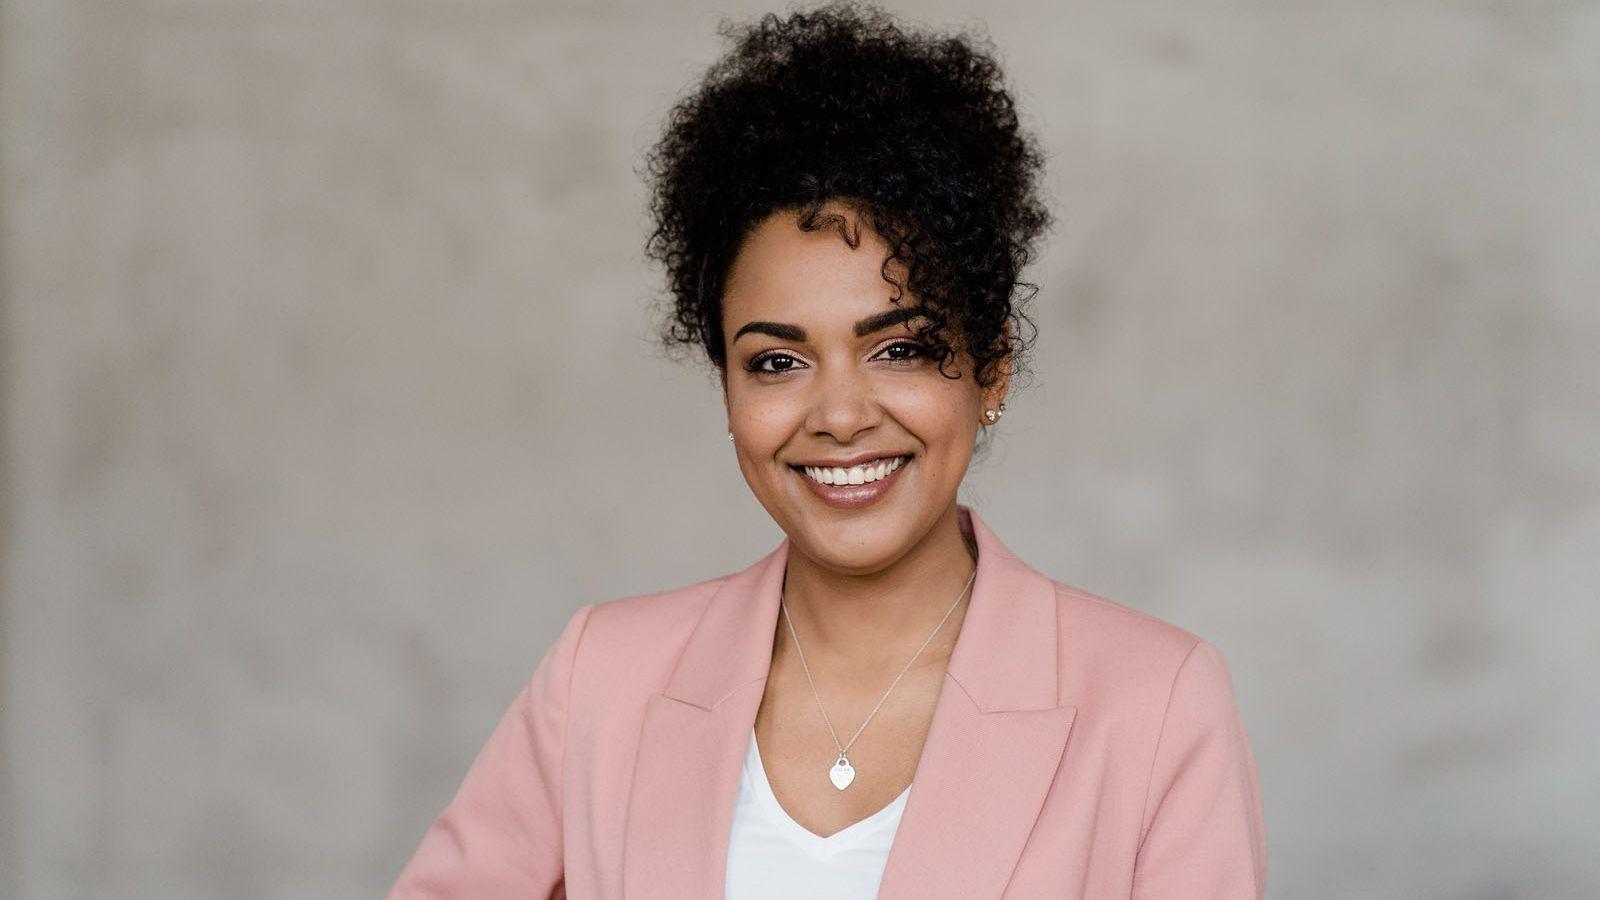 Personalie-Janique-Johnson-wird-Moderatorin-der-RTL-Zwei-News